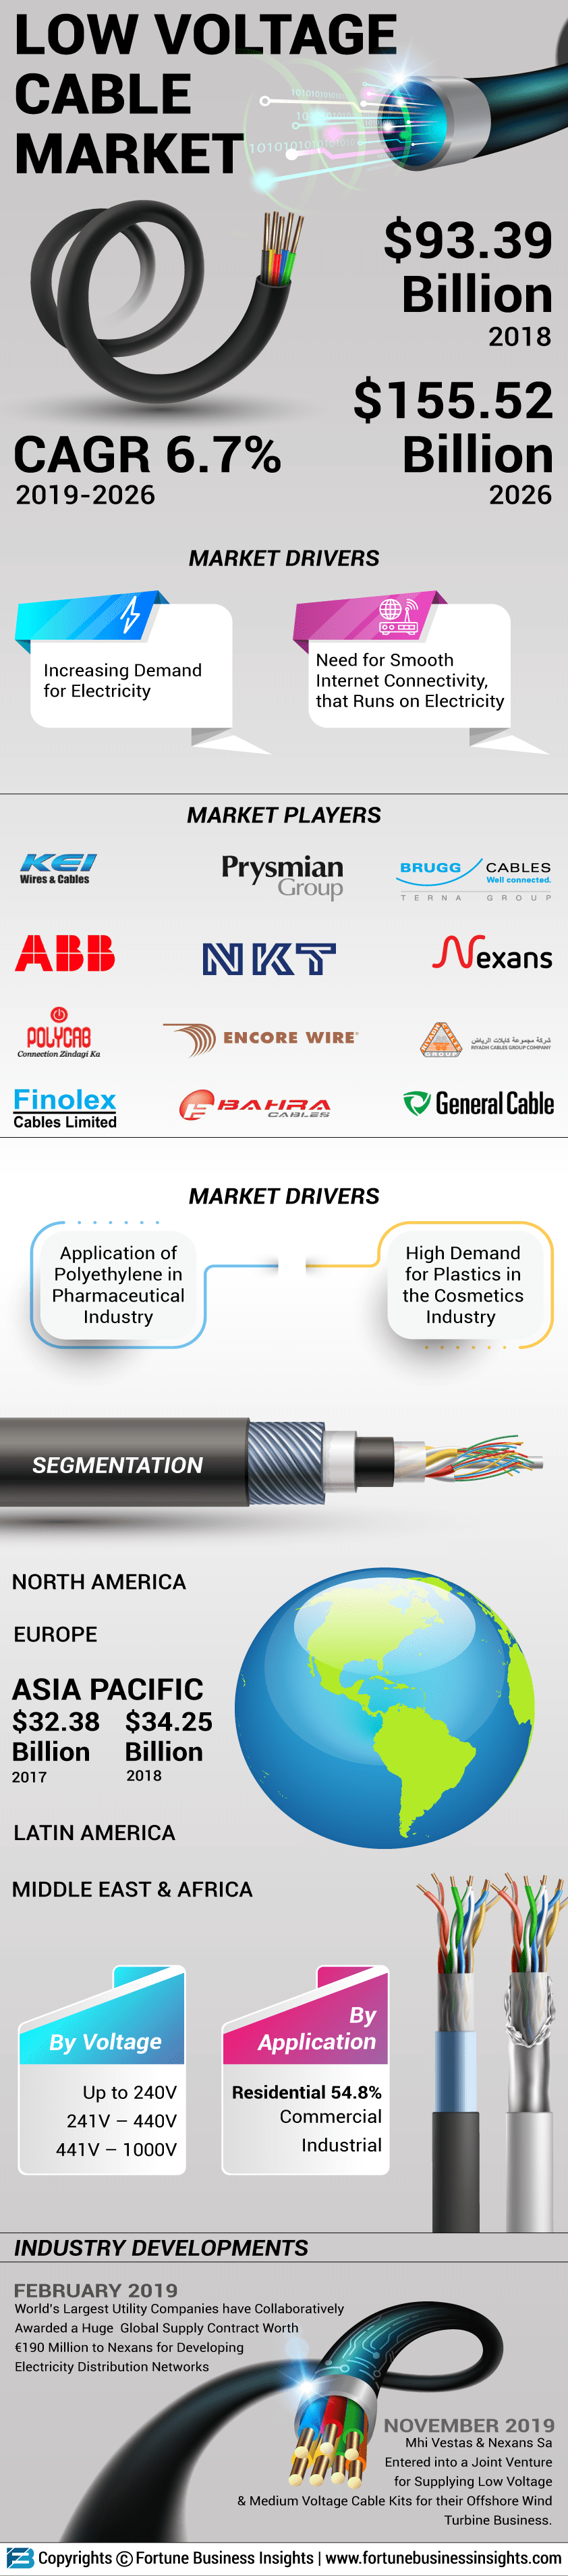 Low Voltage Cables Market